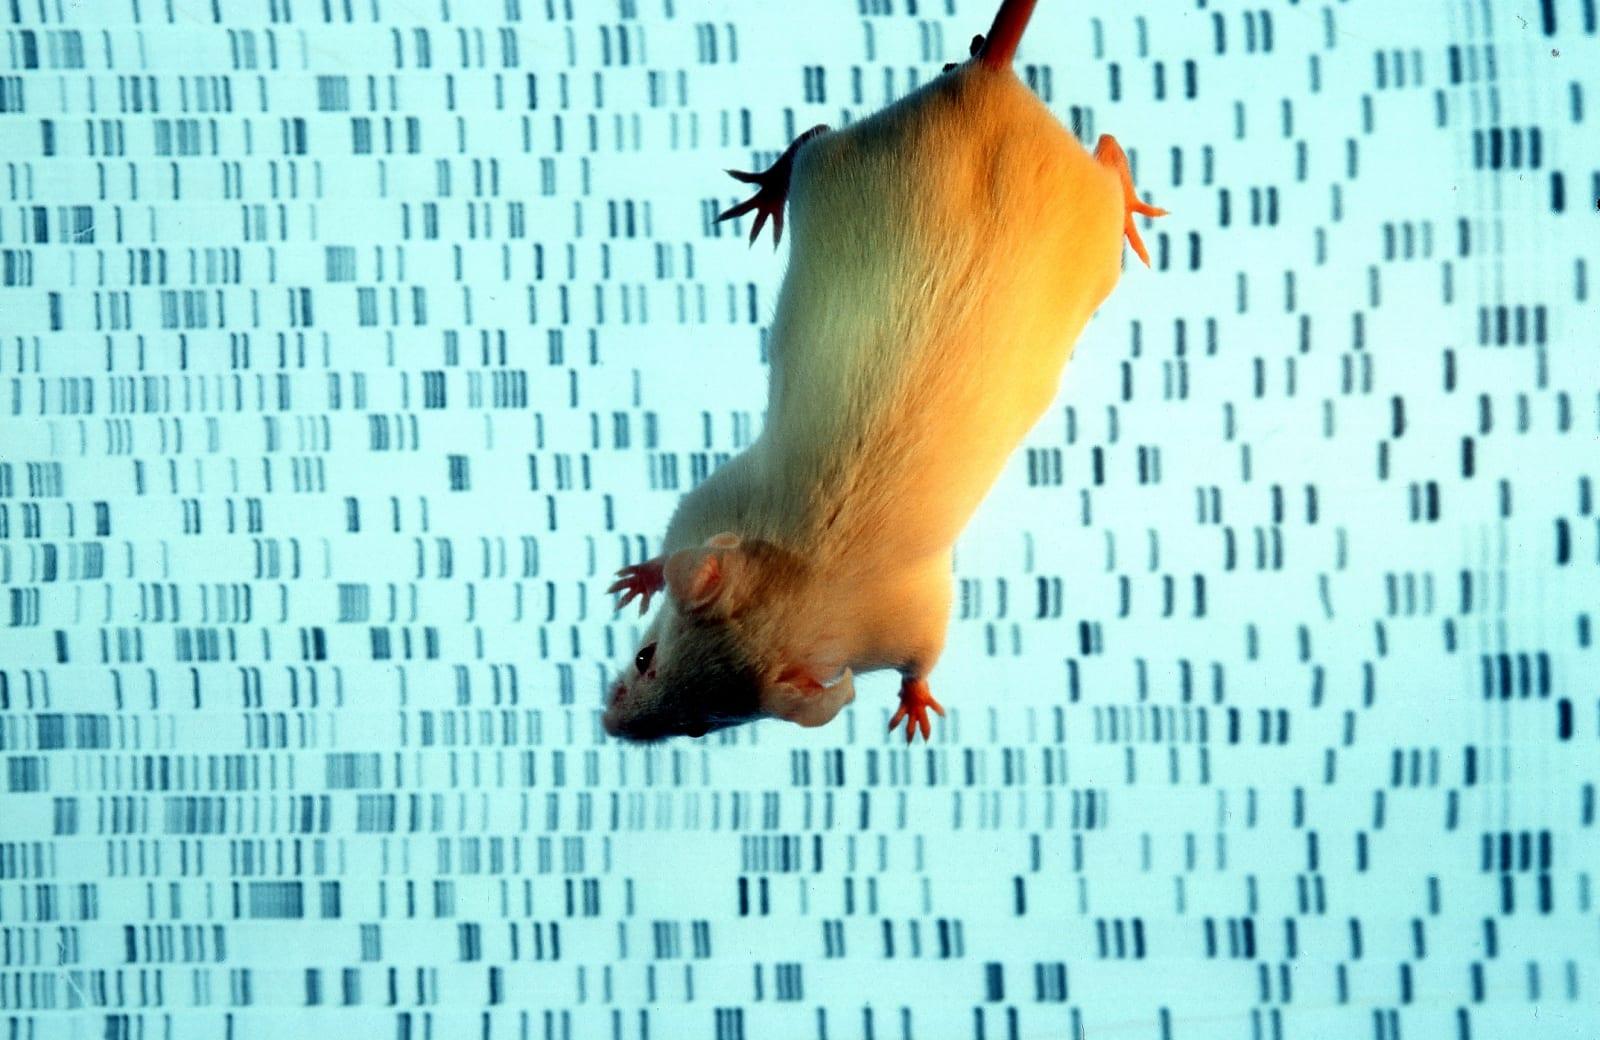 Germany, Munich - A transgenic mouse